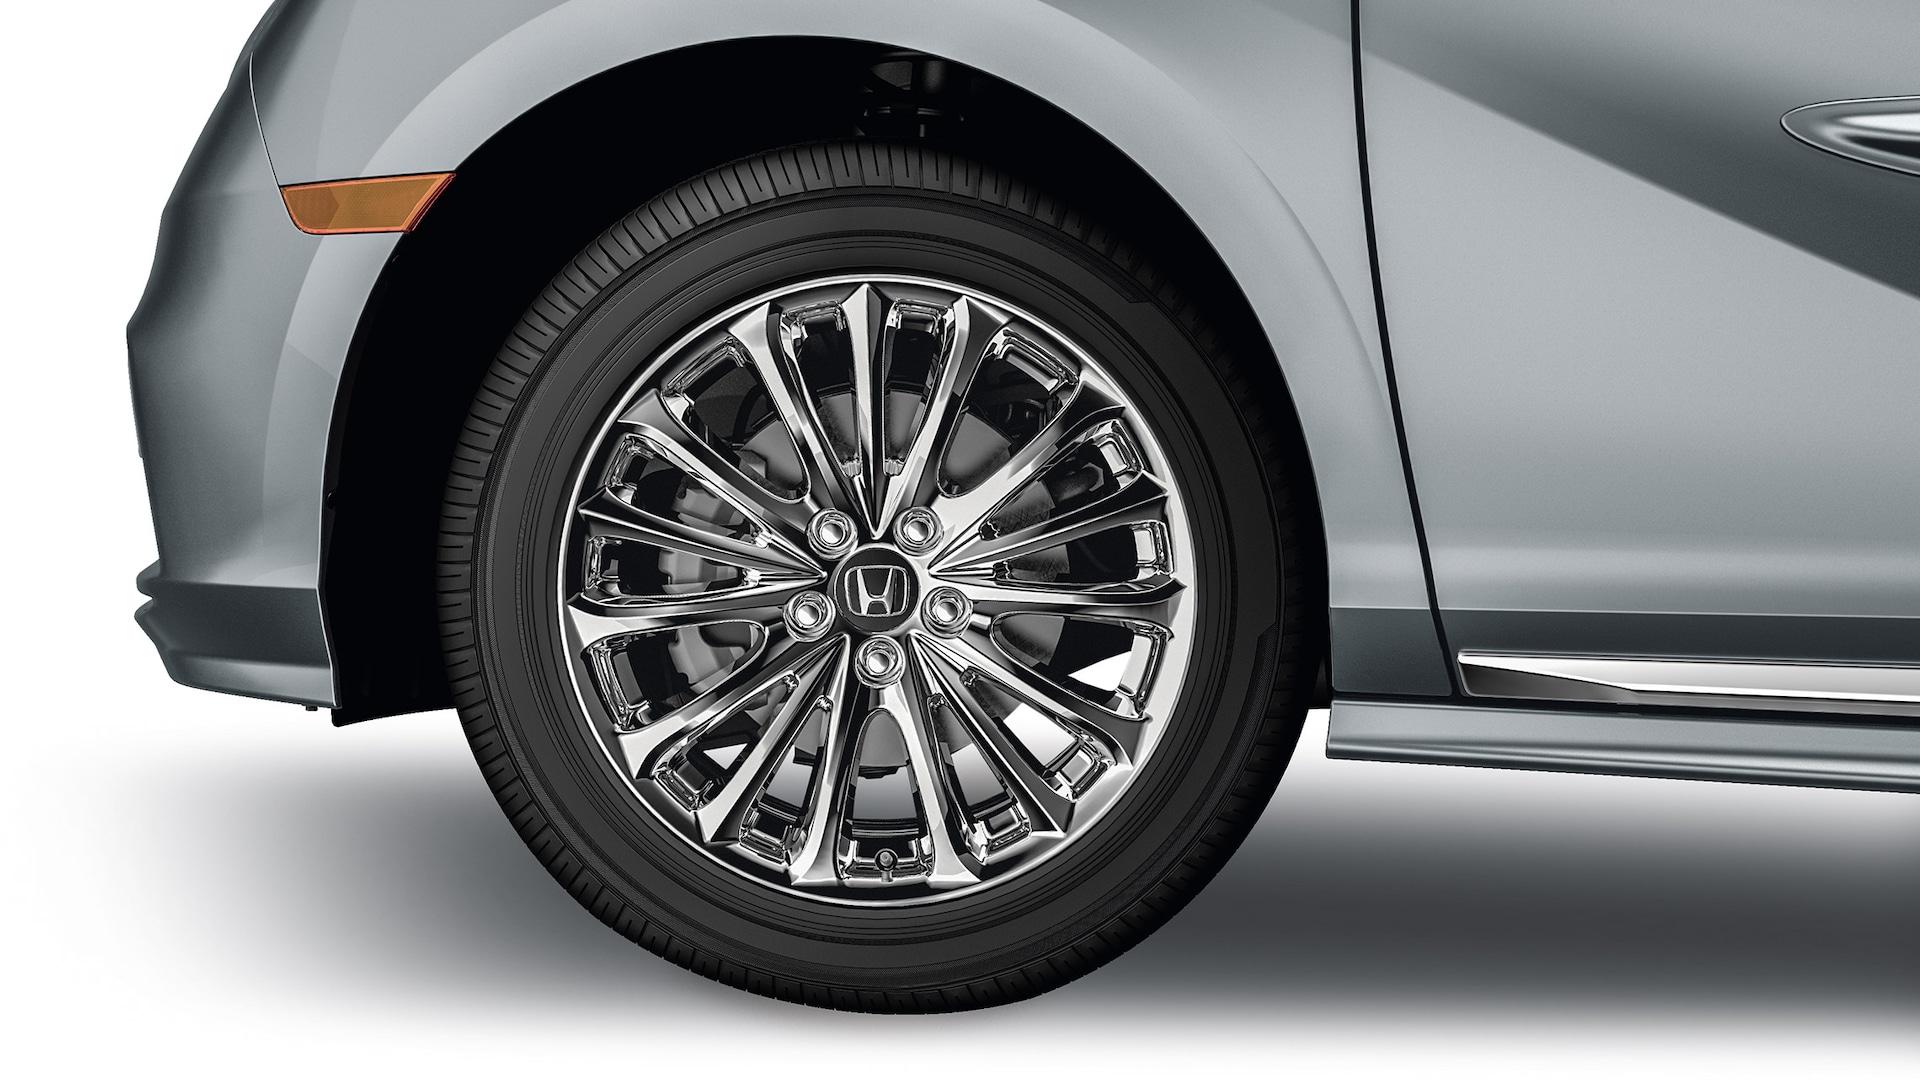 Detalle del accesorio: ruedas de aleación cromadas de 19 pulgadas de la Honda Odyssey 2020.